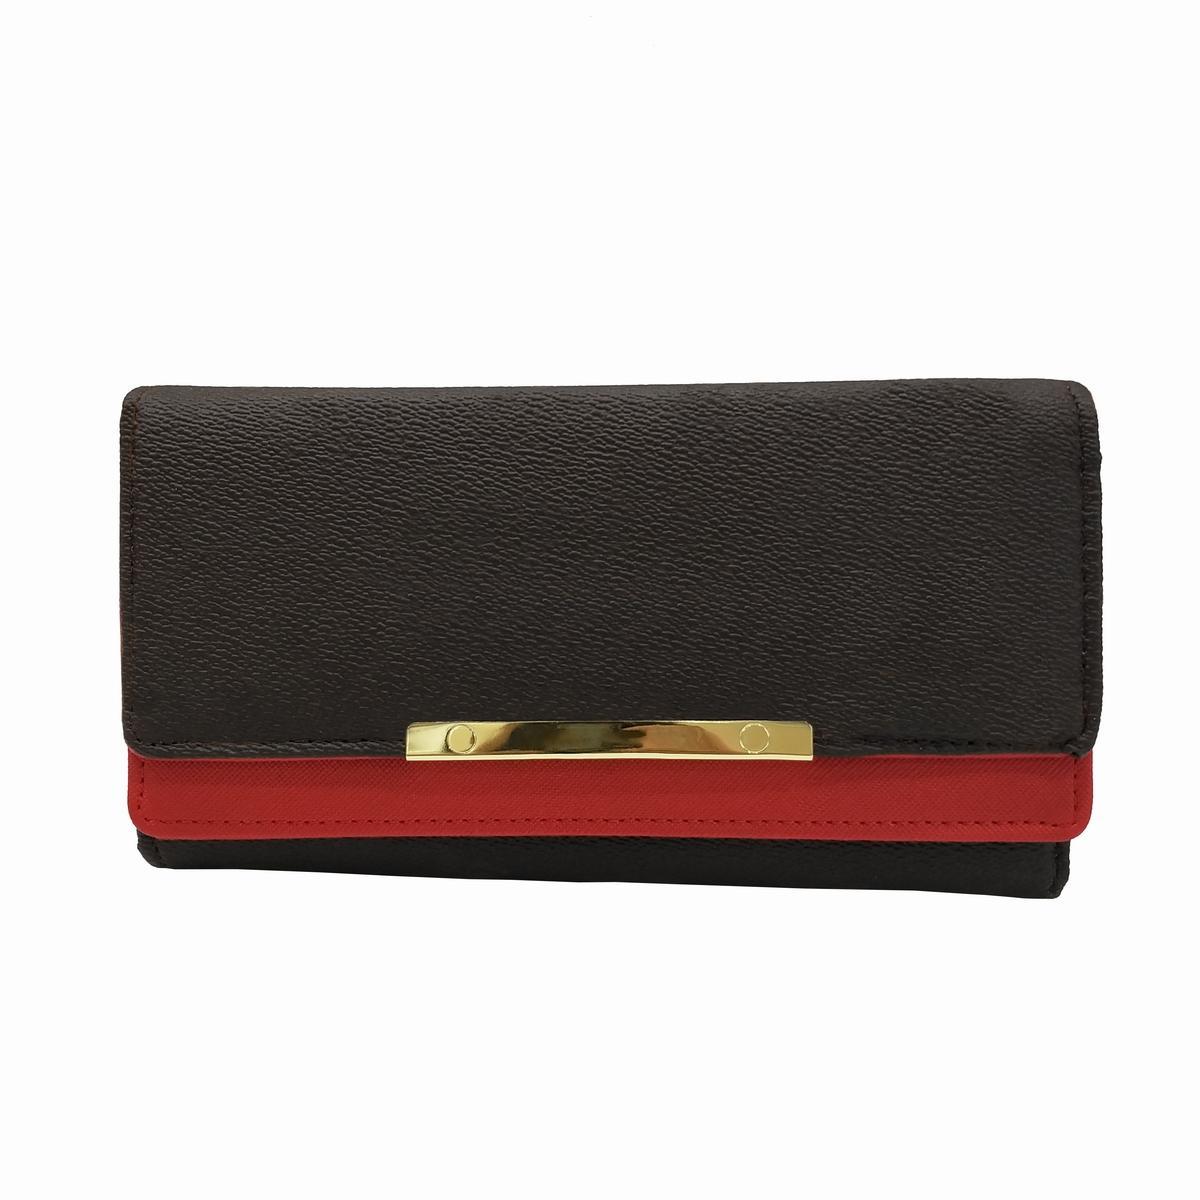 Heißer Verkauf Frauen Rote Bottoms Dame Lange Brieftasche Haspe Designer Münze Geldbörse Kartenhalter Klassische Tasche mit Original Box Staubbeutel 20 cm